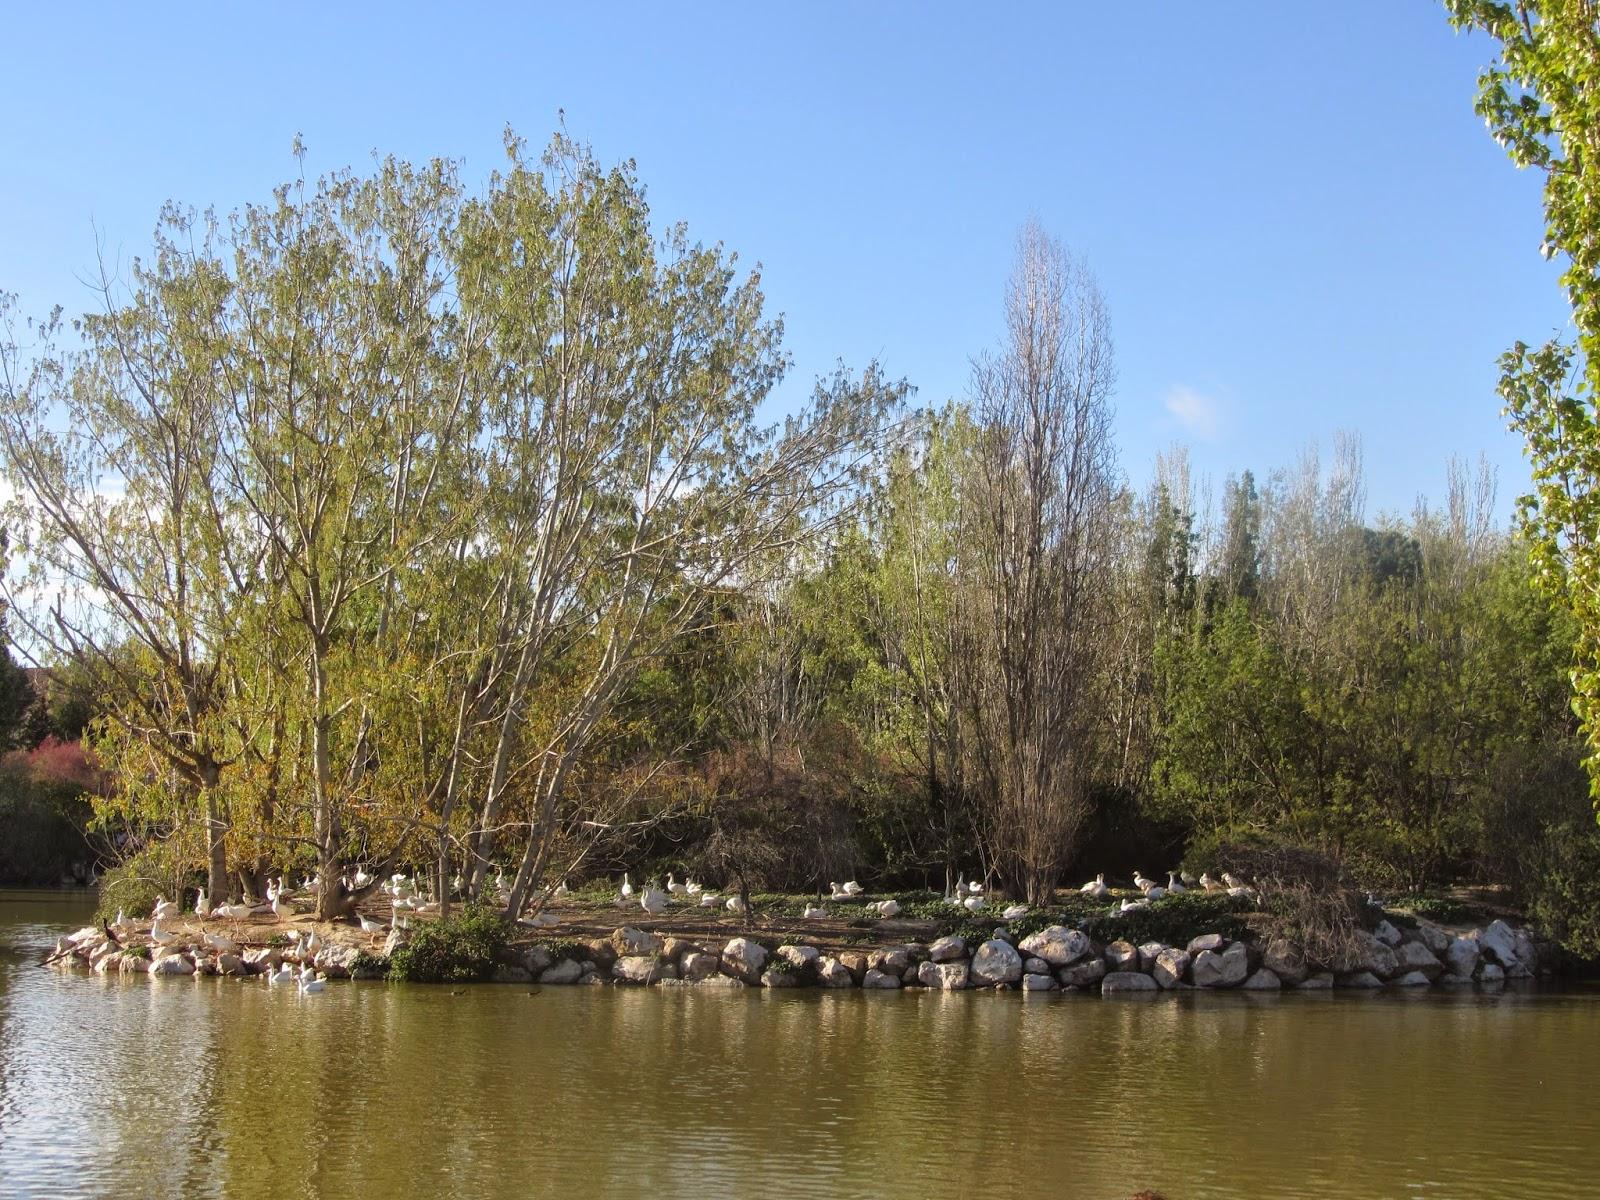 El Parque Natural El Soto dispone de más de 50 especies de mamíferos, aves o reptiles.